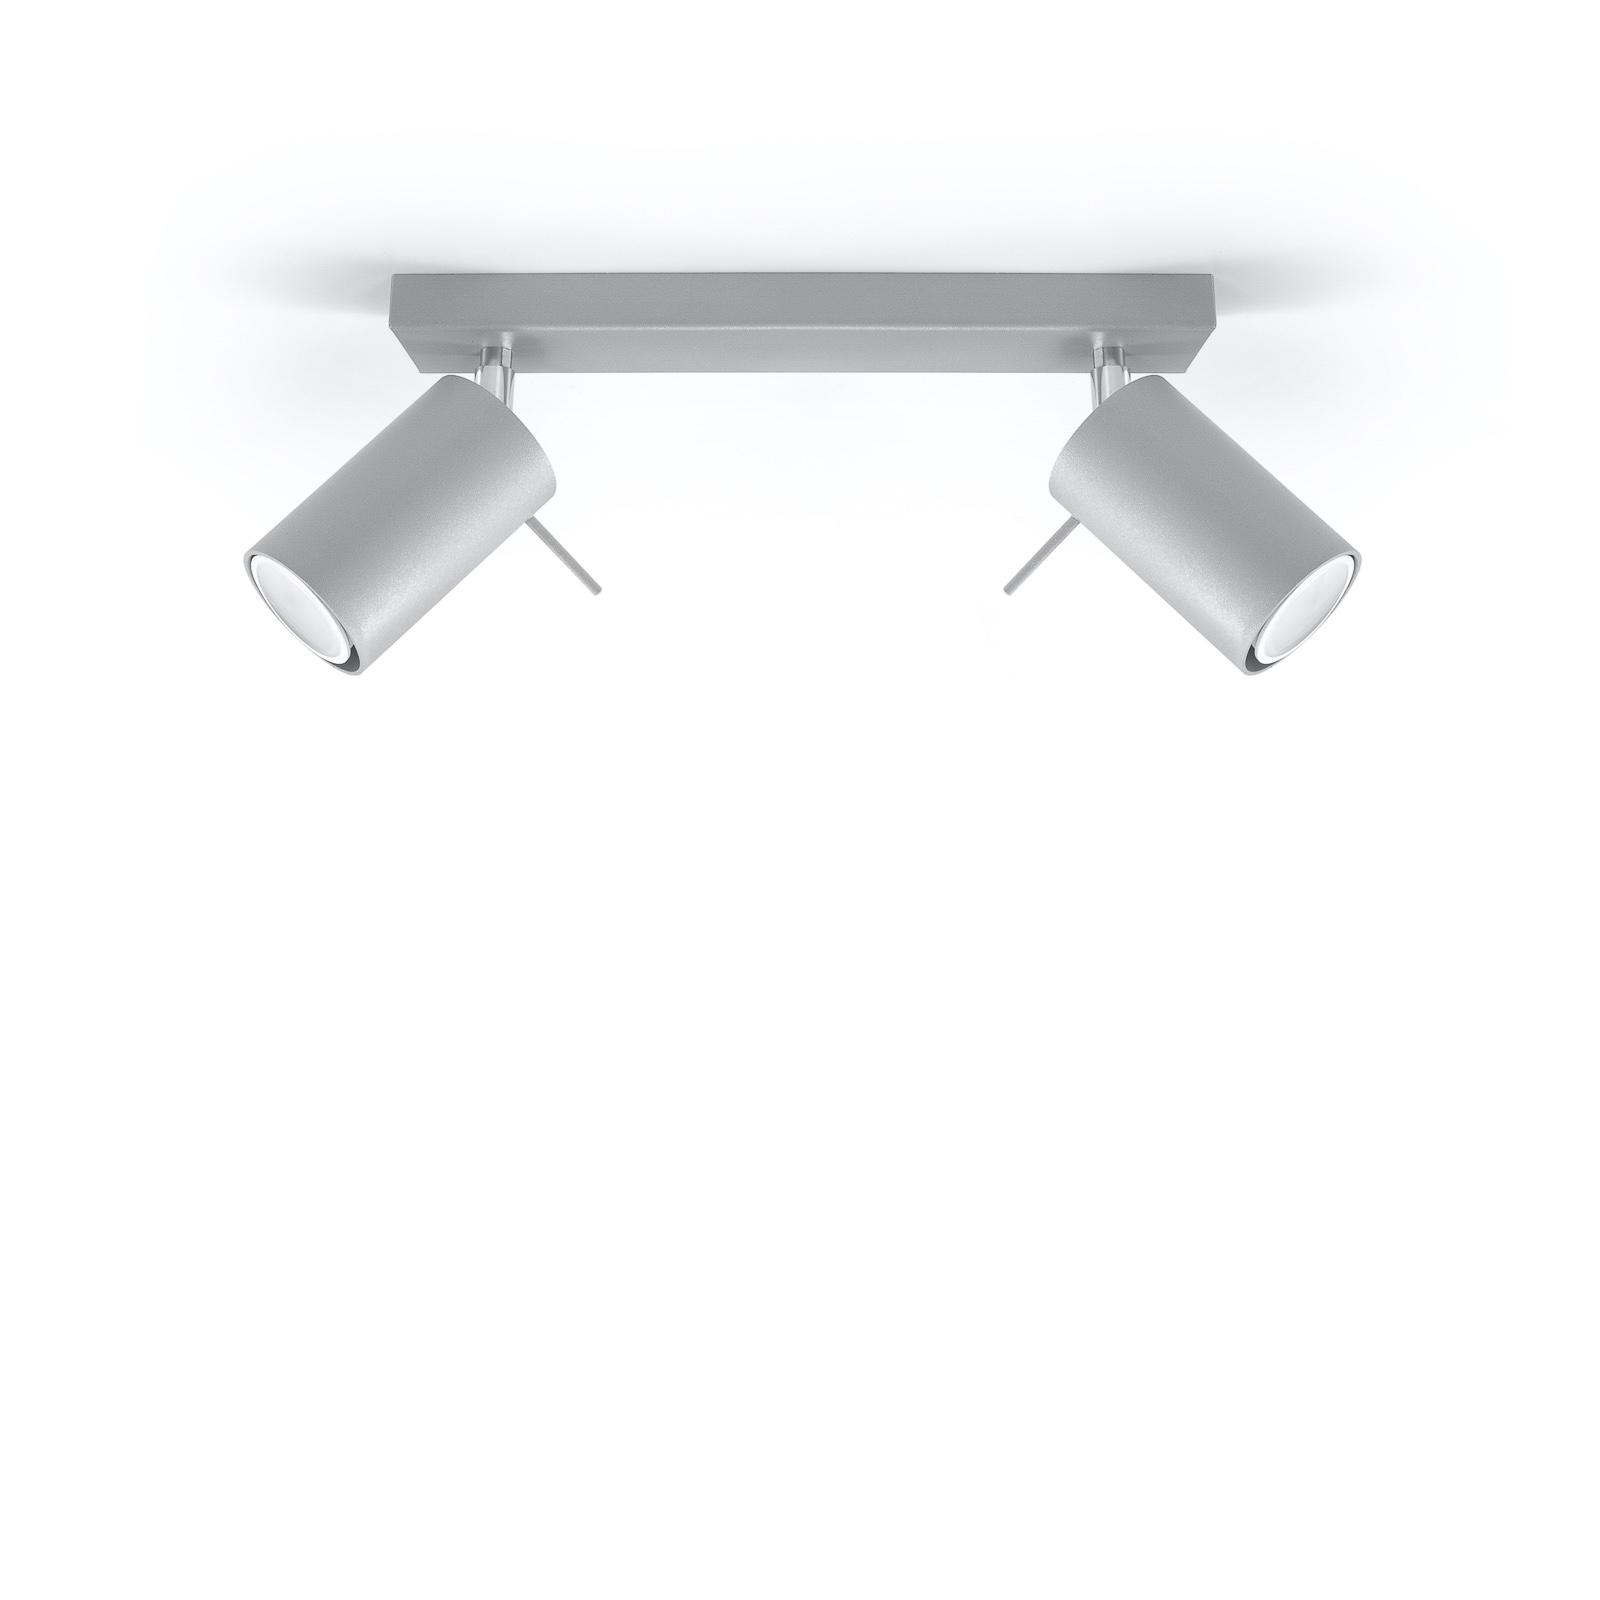 Faretto soffitto Round, grigio, 2 luci